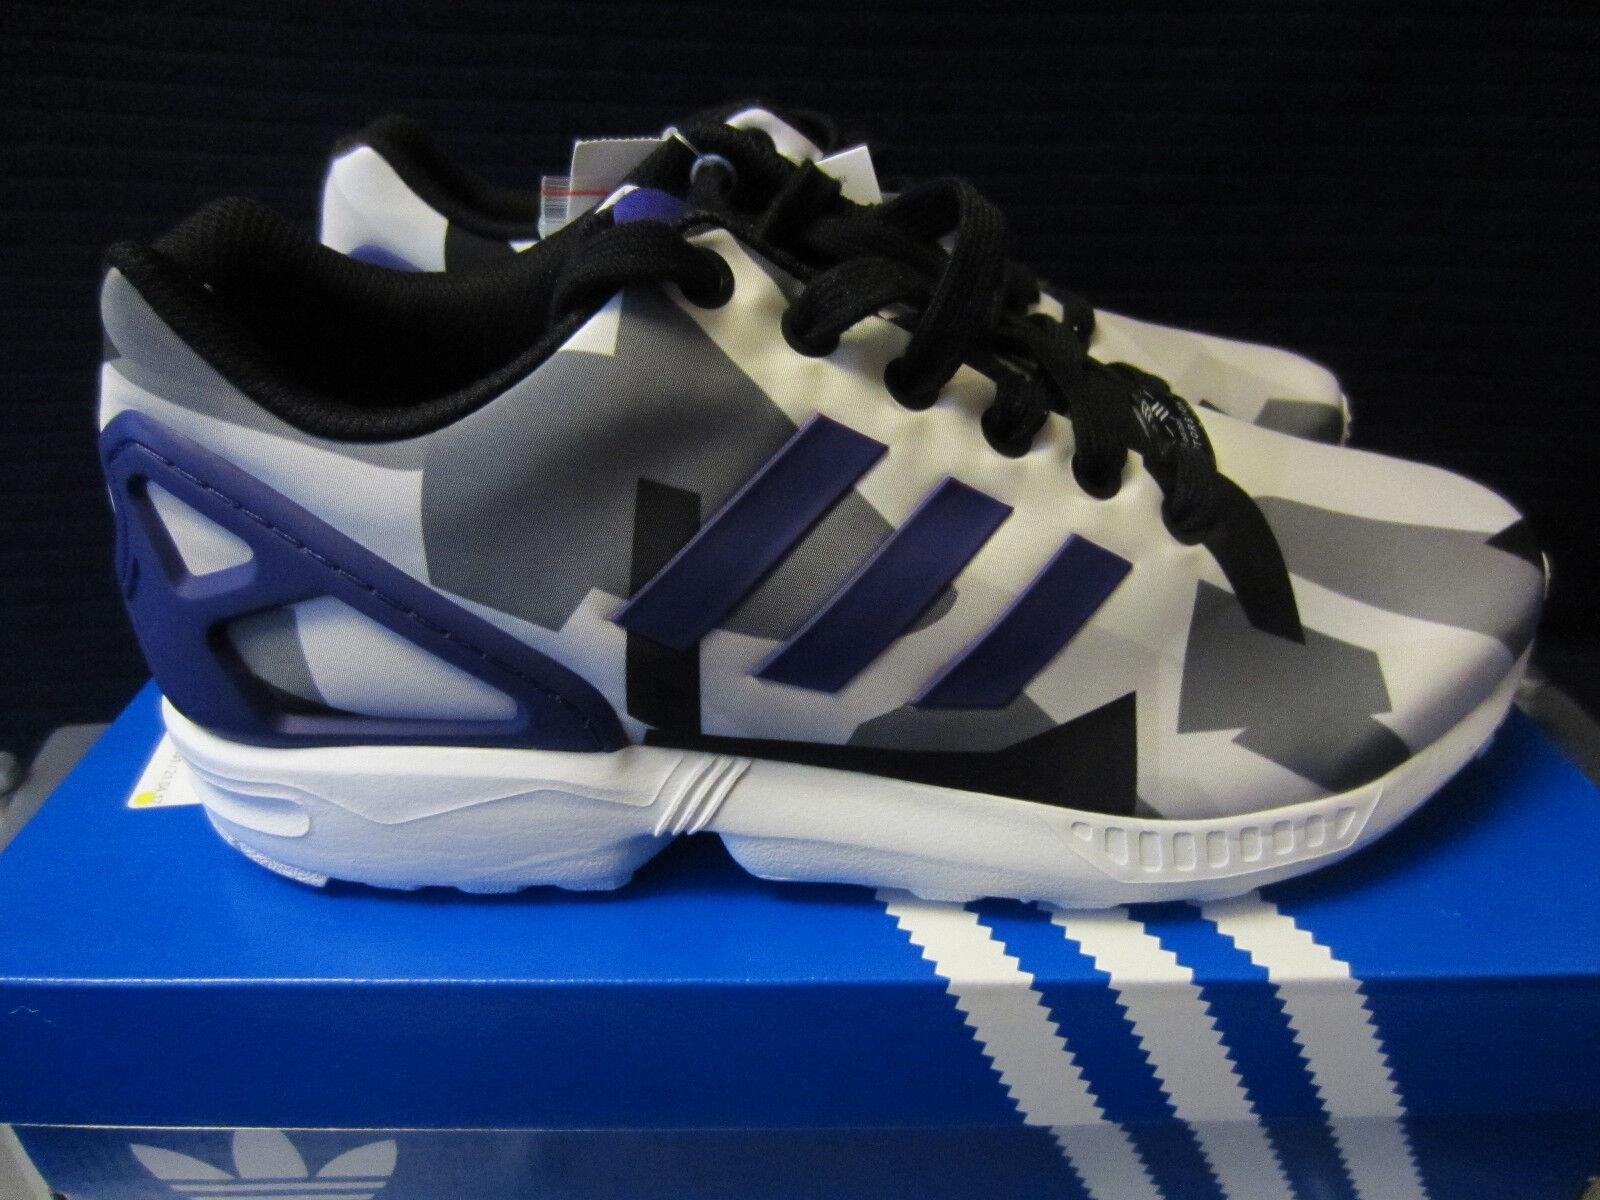 Adidas ZX Flux B34517 Unisex Sneakers und Gr.37 1/3, 38, 39 1/3. Neu und Sneakers OVP 4dd239